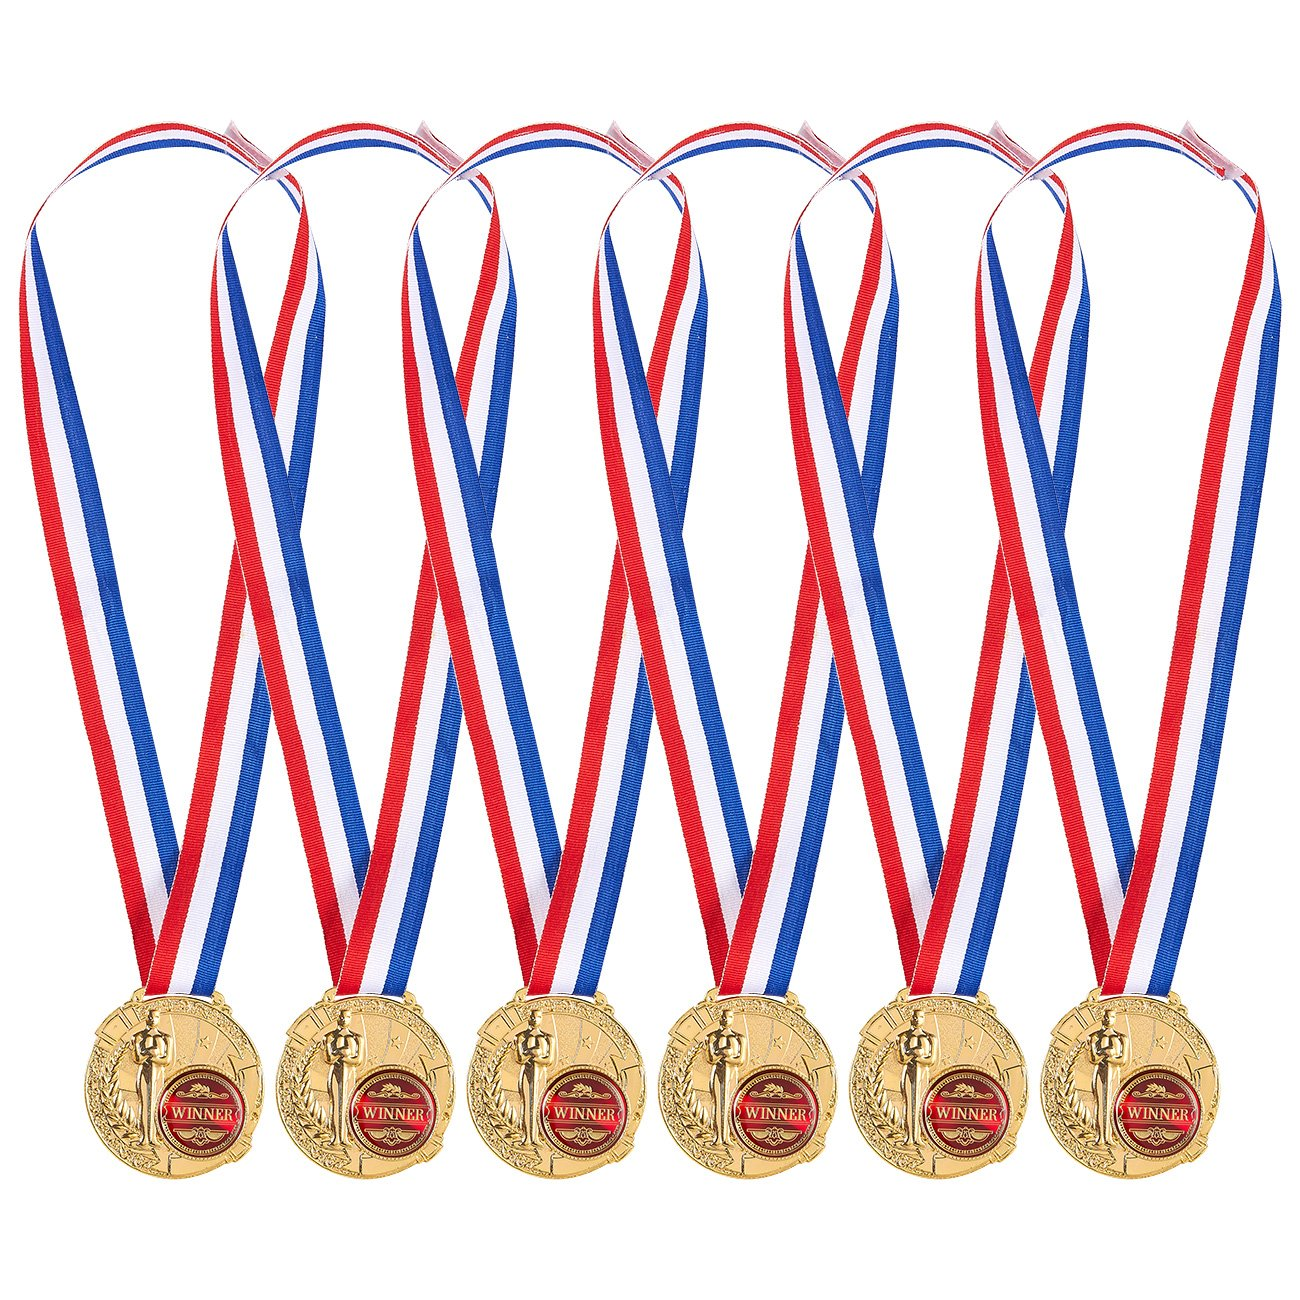 Pack de 6Medallas de Oro–ganador medallas para niños y adultos–fabricado de Metal–gran para todos los concursos y competiciones, oro, rojo, color blanco, azul Juvale